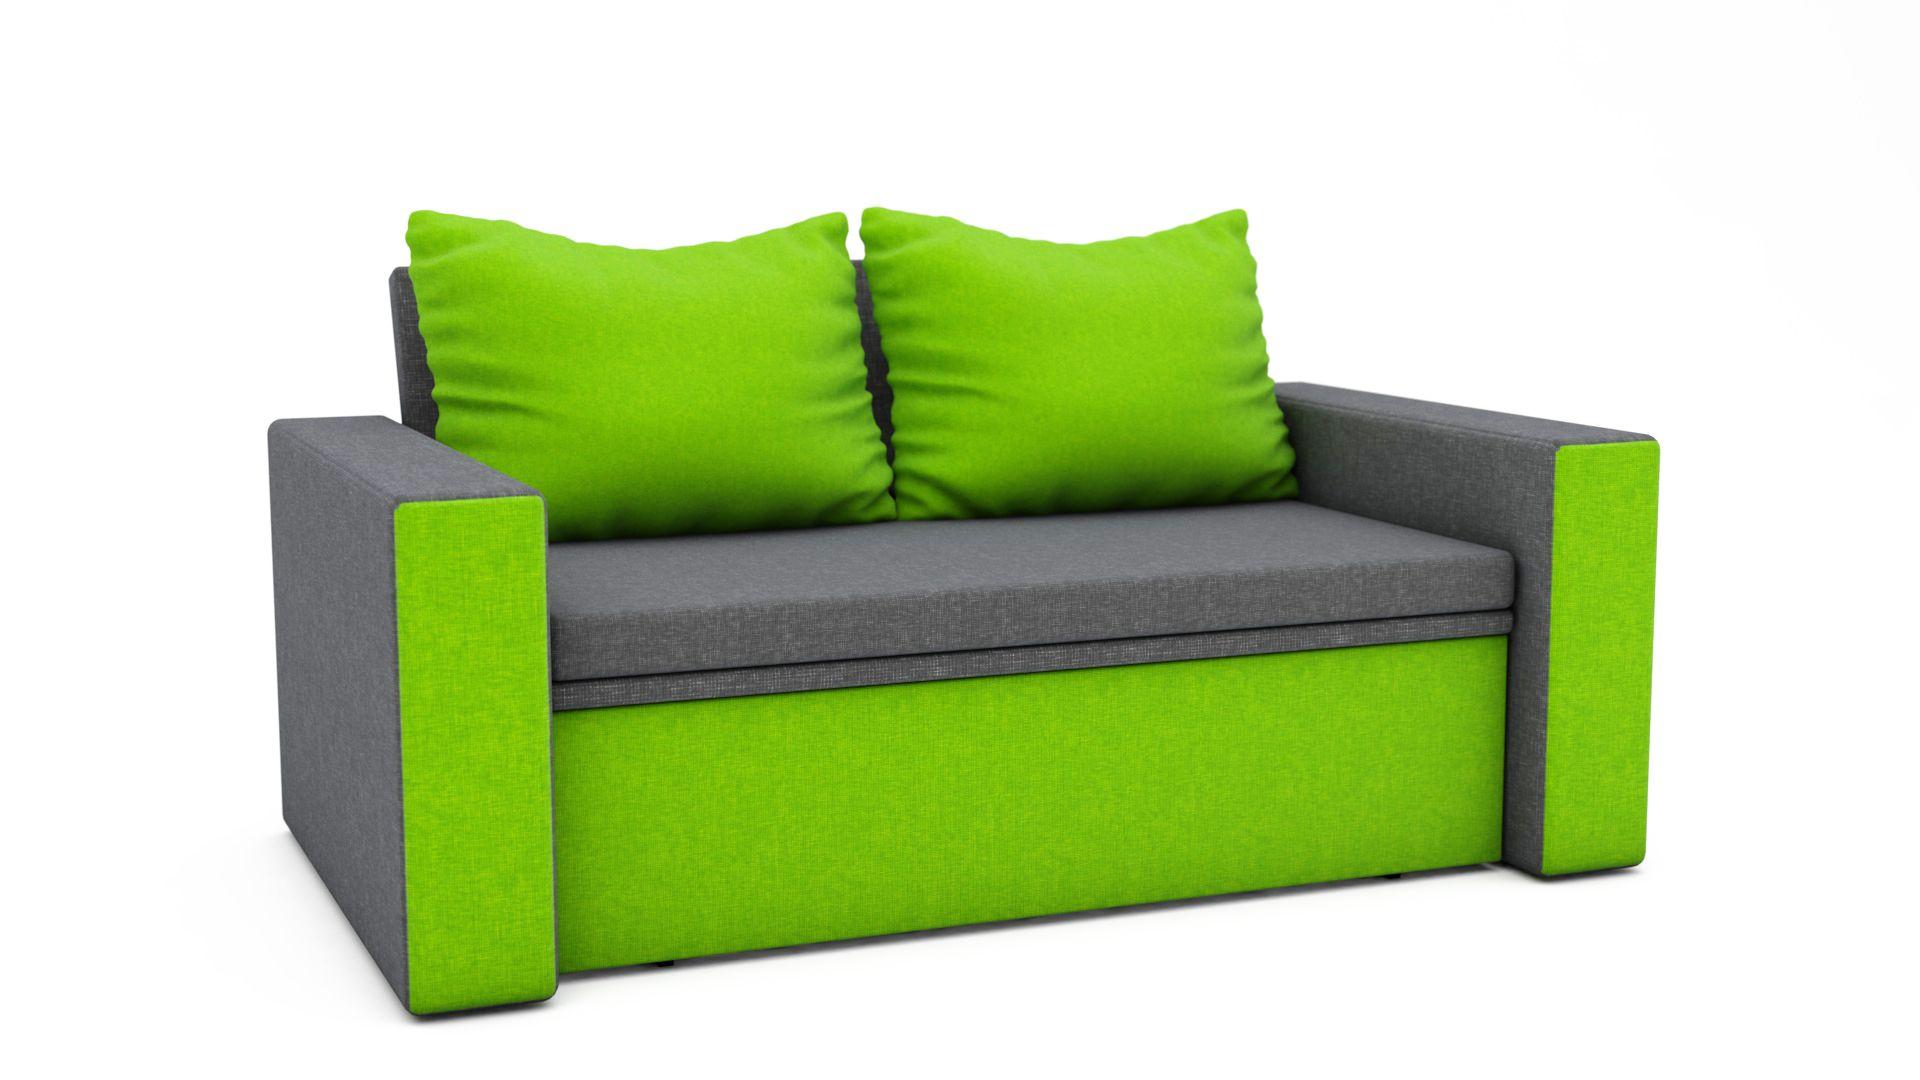 Die Couch Ist Sehr Leicht Zu Montieren Als Auch Zu Demontieren Eckcouch Schlaffunktion Bettkasten Sofagarnitur Sofa Couch Sofa Sofa Bett